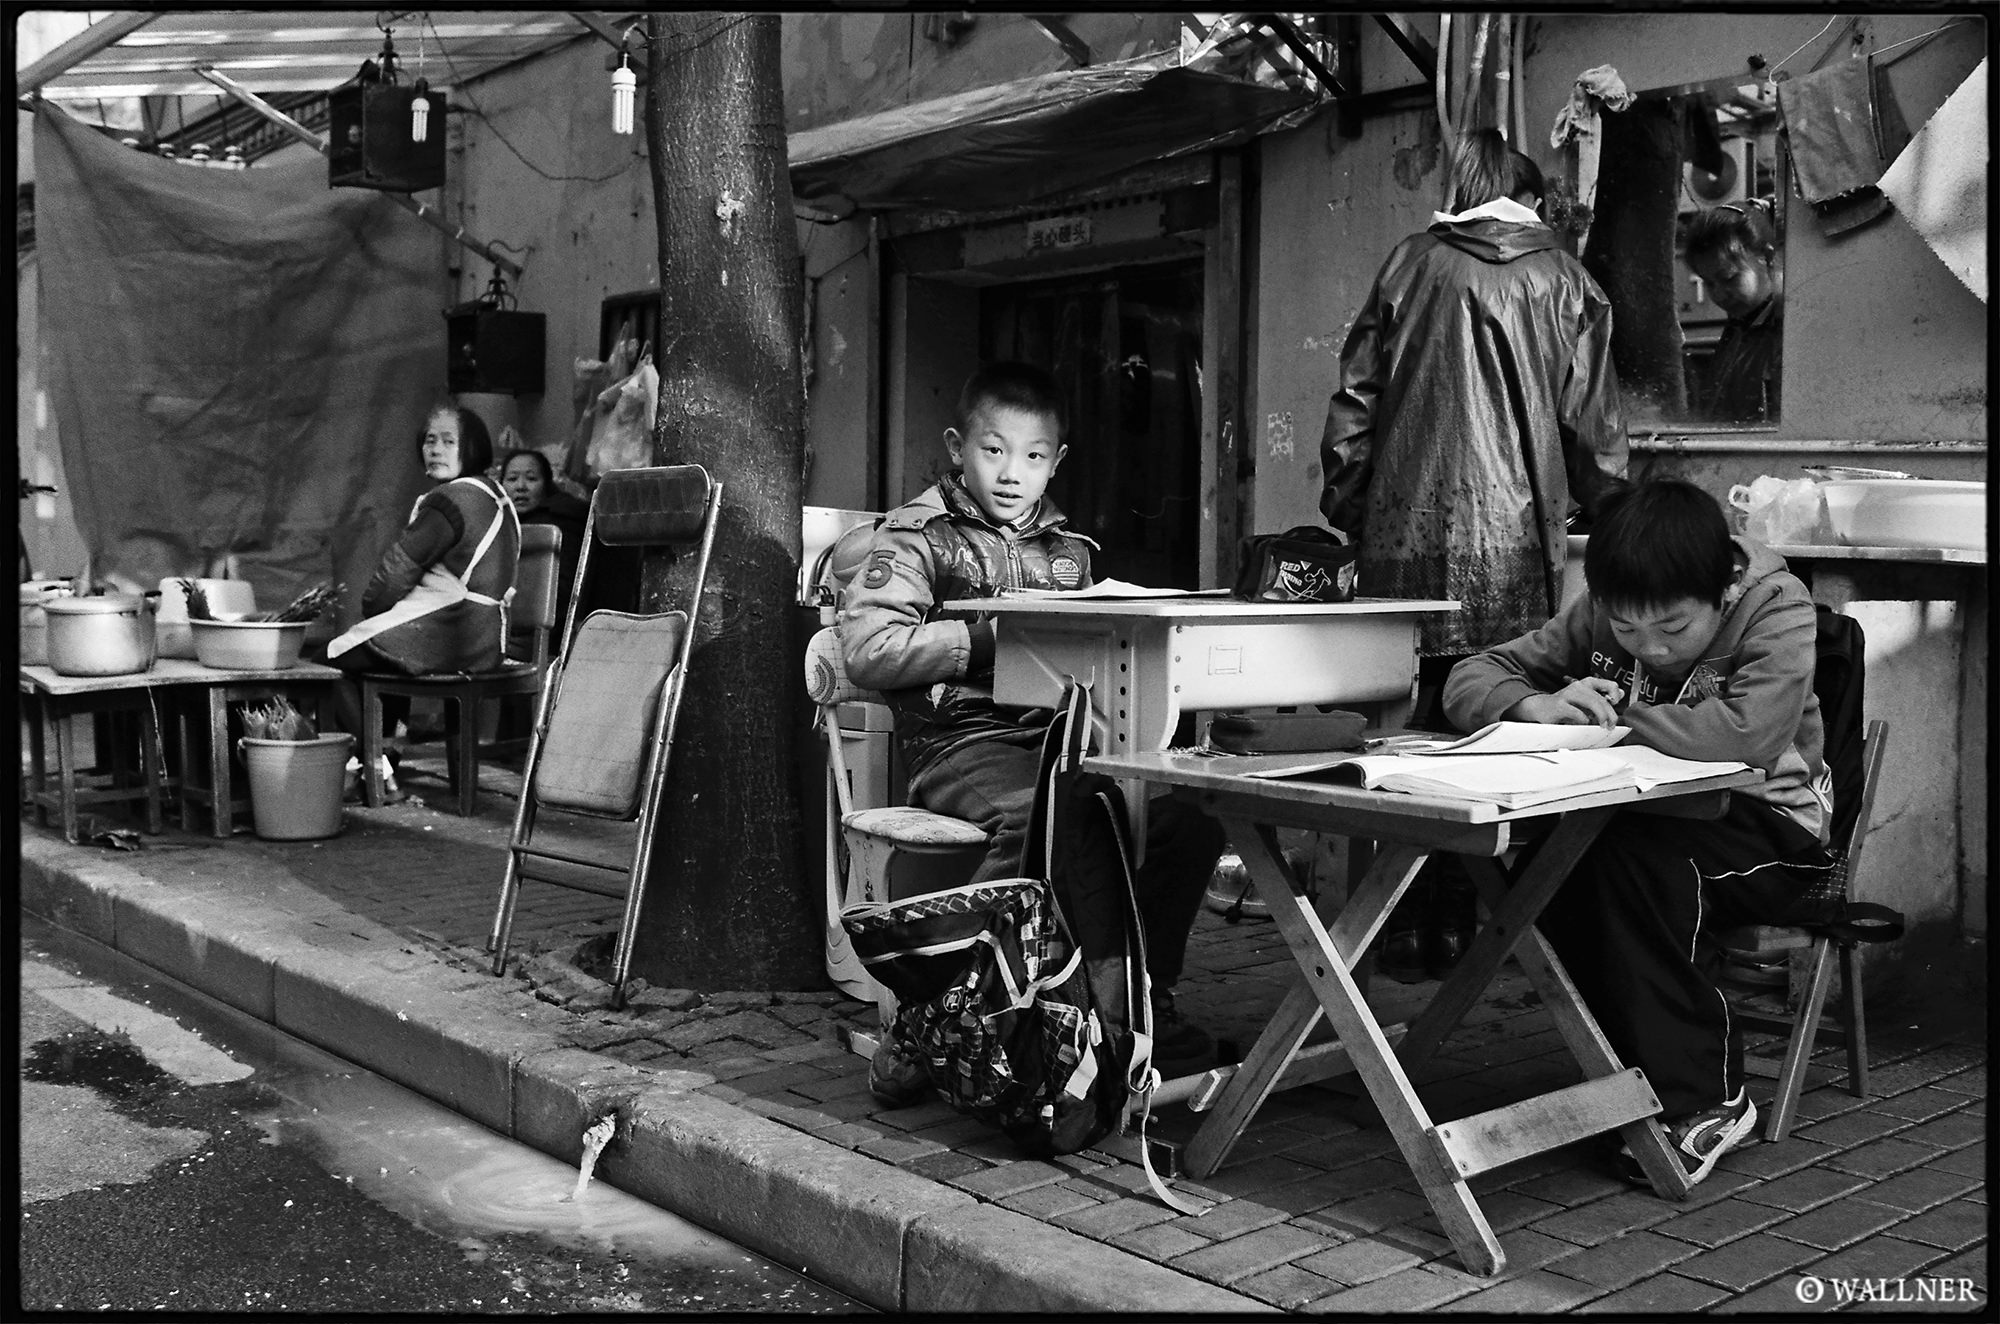 35mmPatrikWallner_Shanghai_Homework LOWQ 2000P